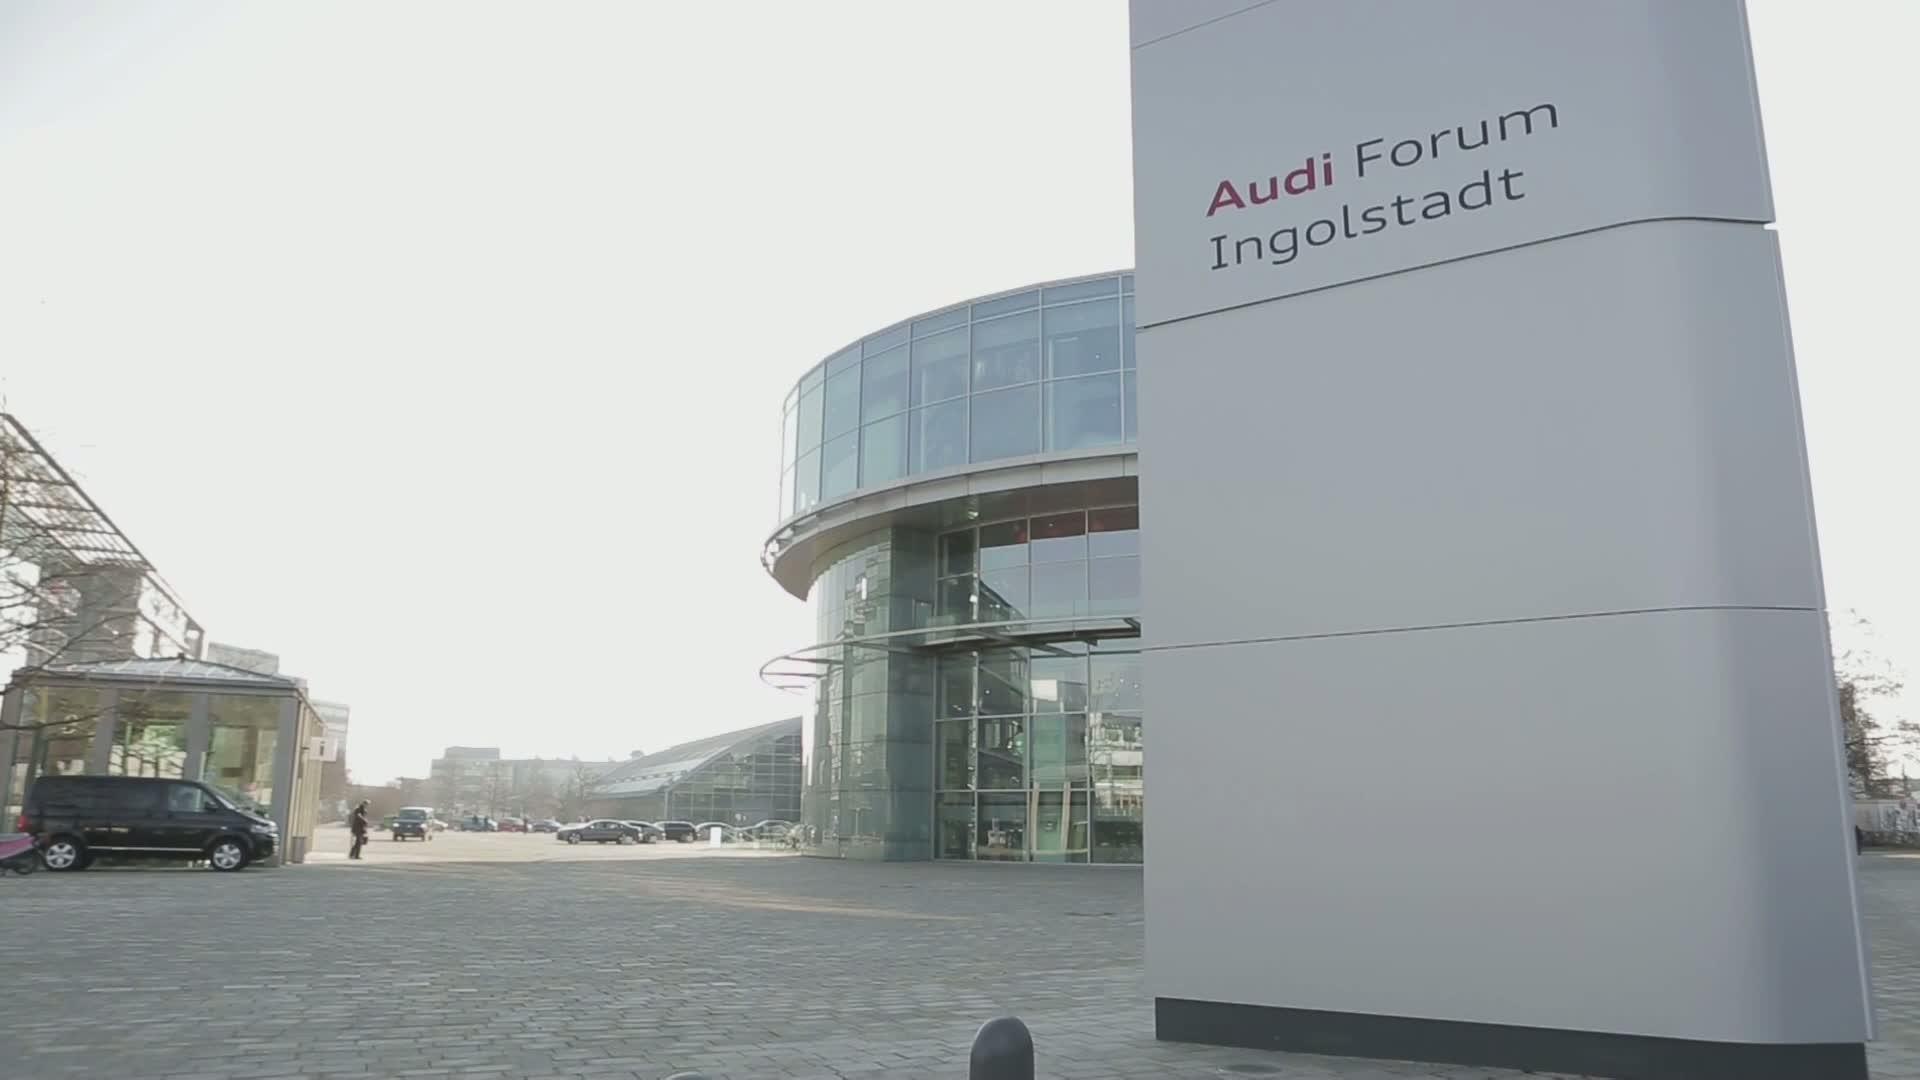 Audi Jahrespressekonferenz 2015 - Footage